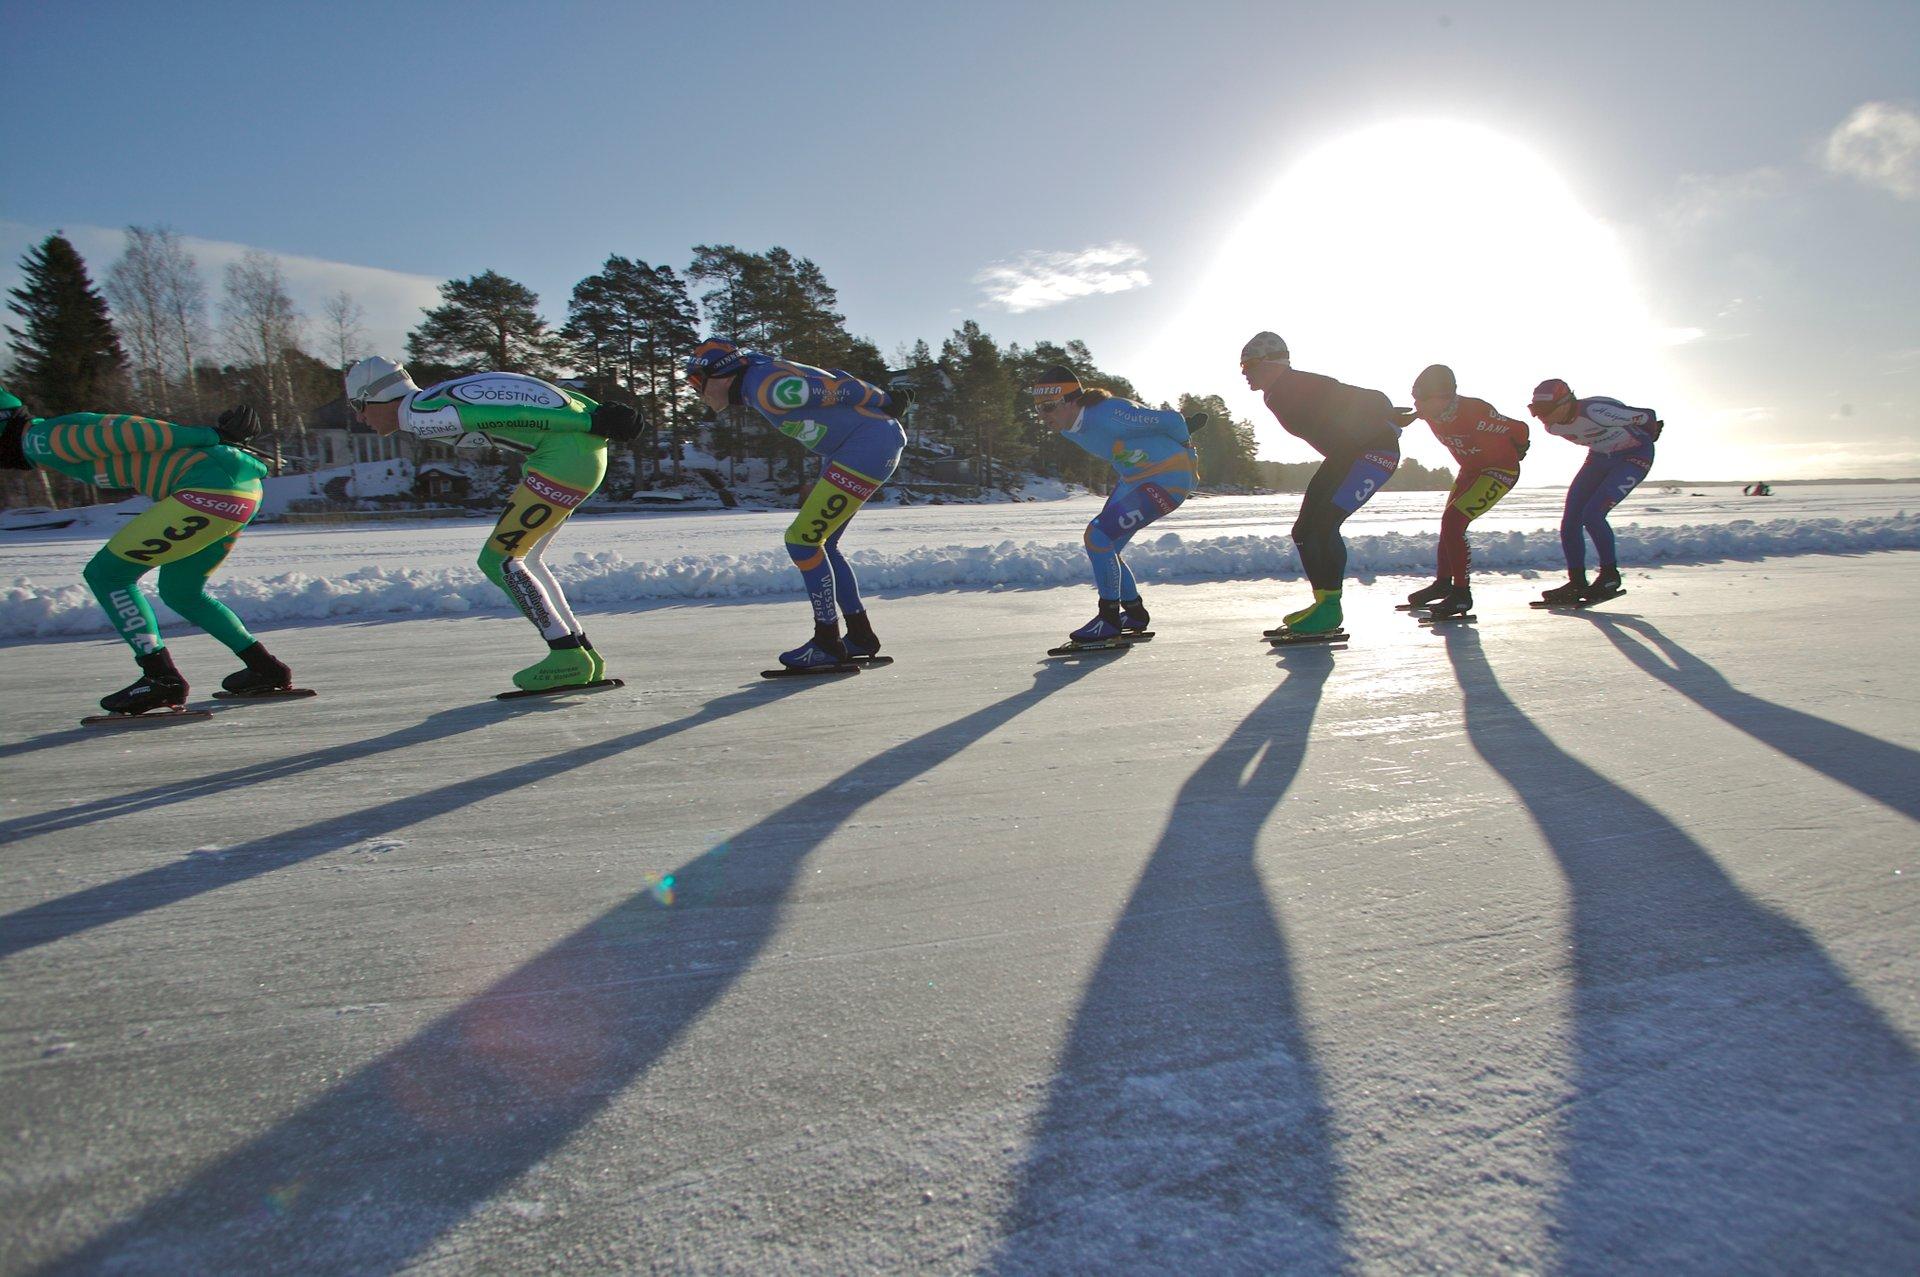 Finland Ice Marathon in Finland 2020 - Best Time